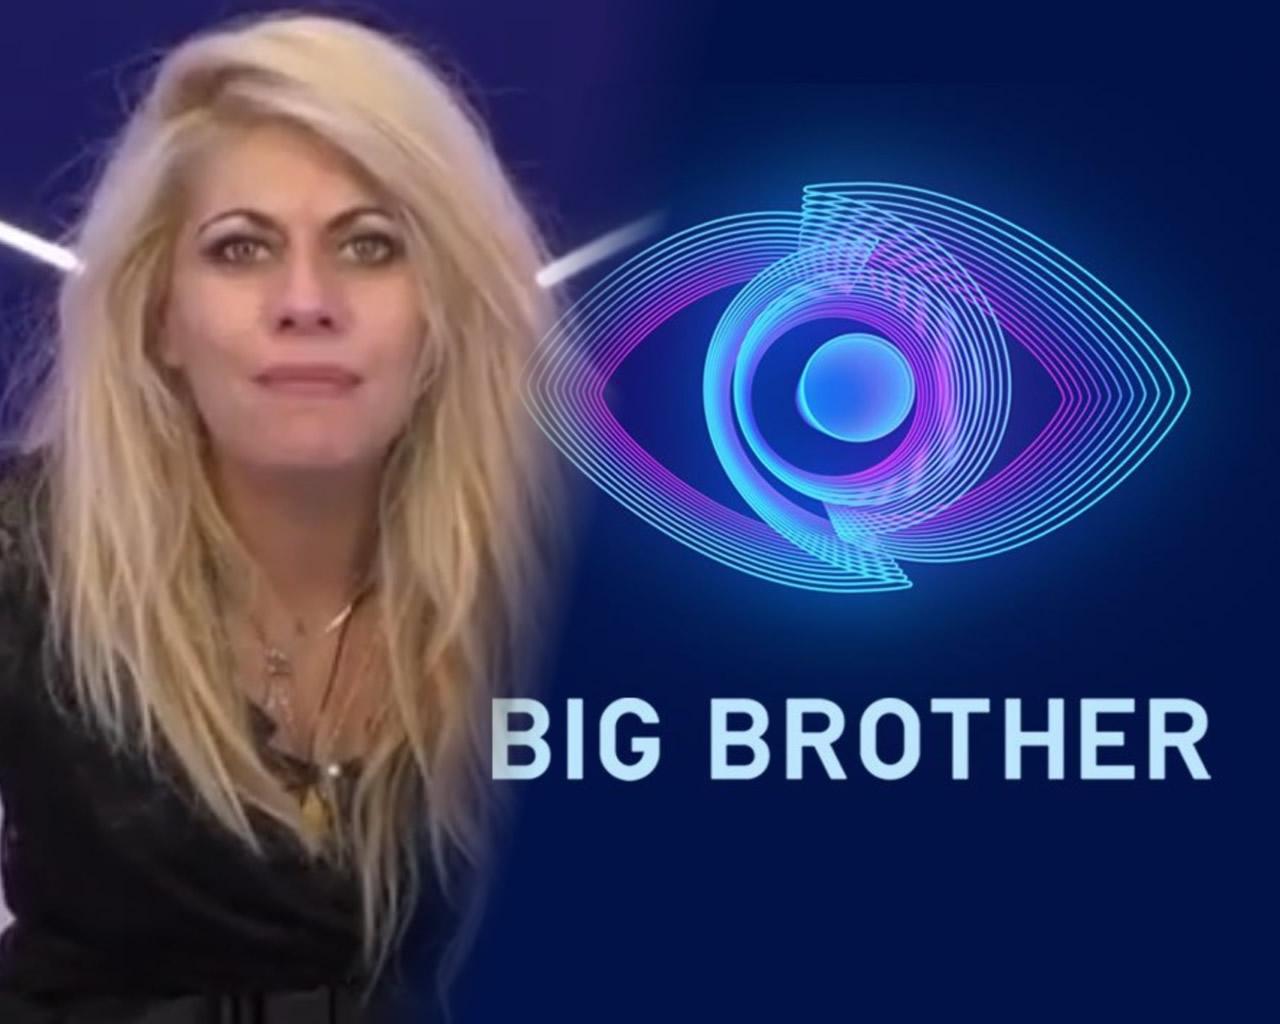 Big Brother: Αντιδράσεις στα social media για τα ξεσπάσματα της Άννας Μαρίας